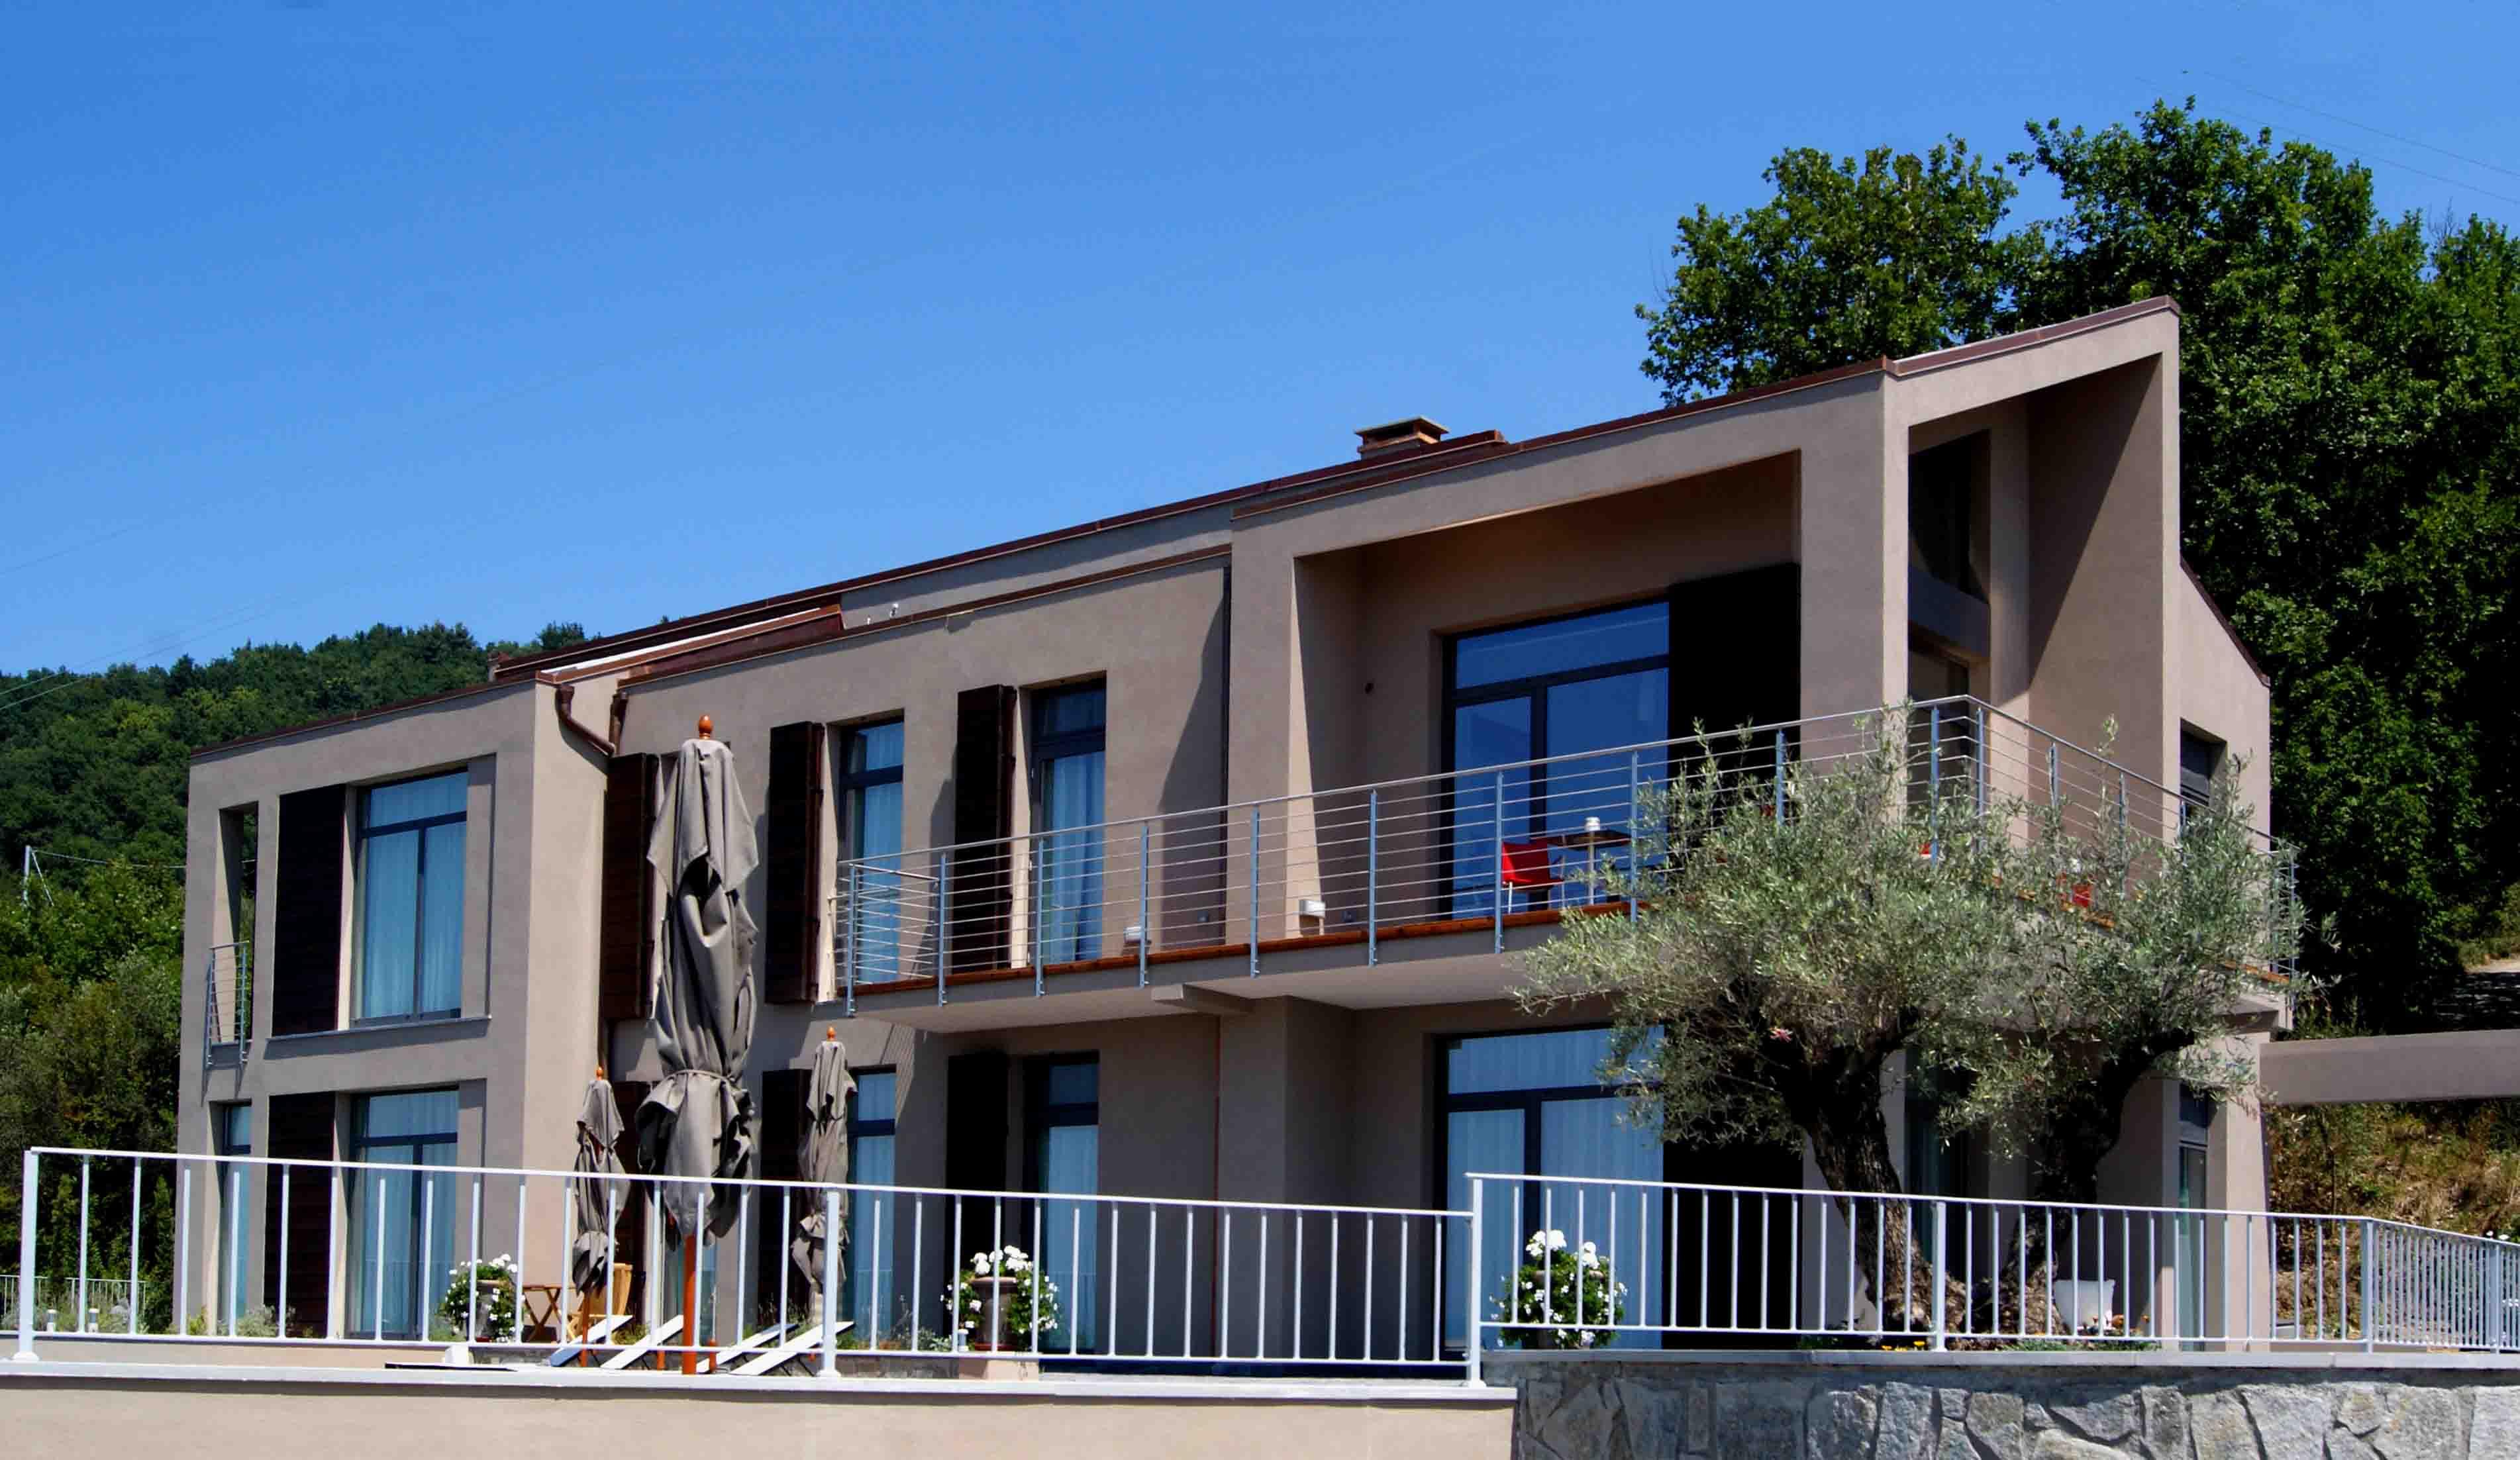 La spezia studio chiodo progettazione e restauro for Progettazione di edifici residenziali